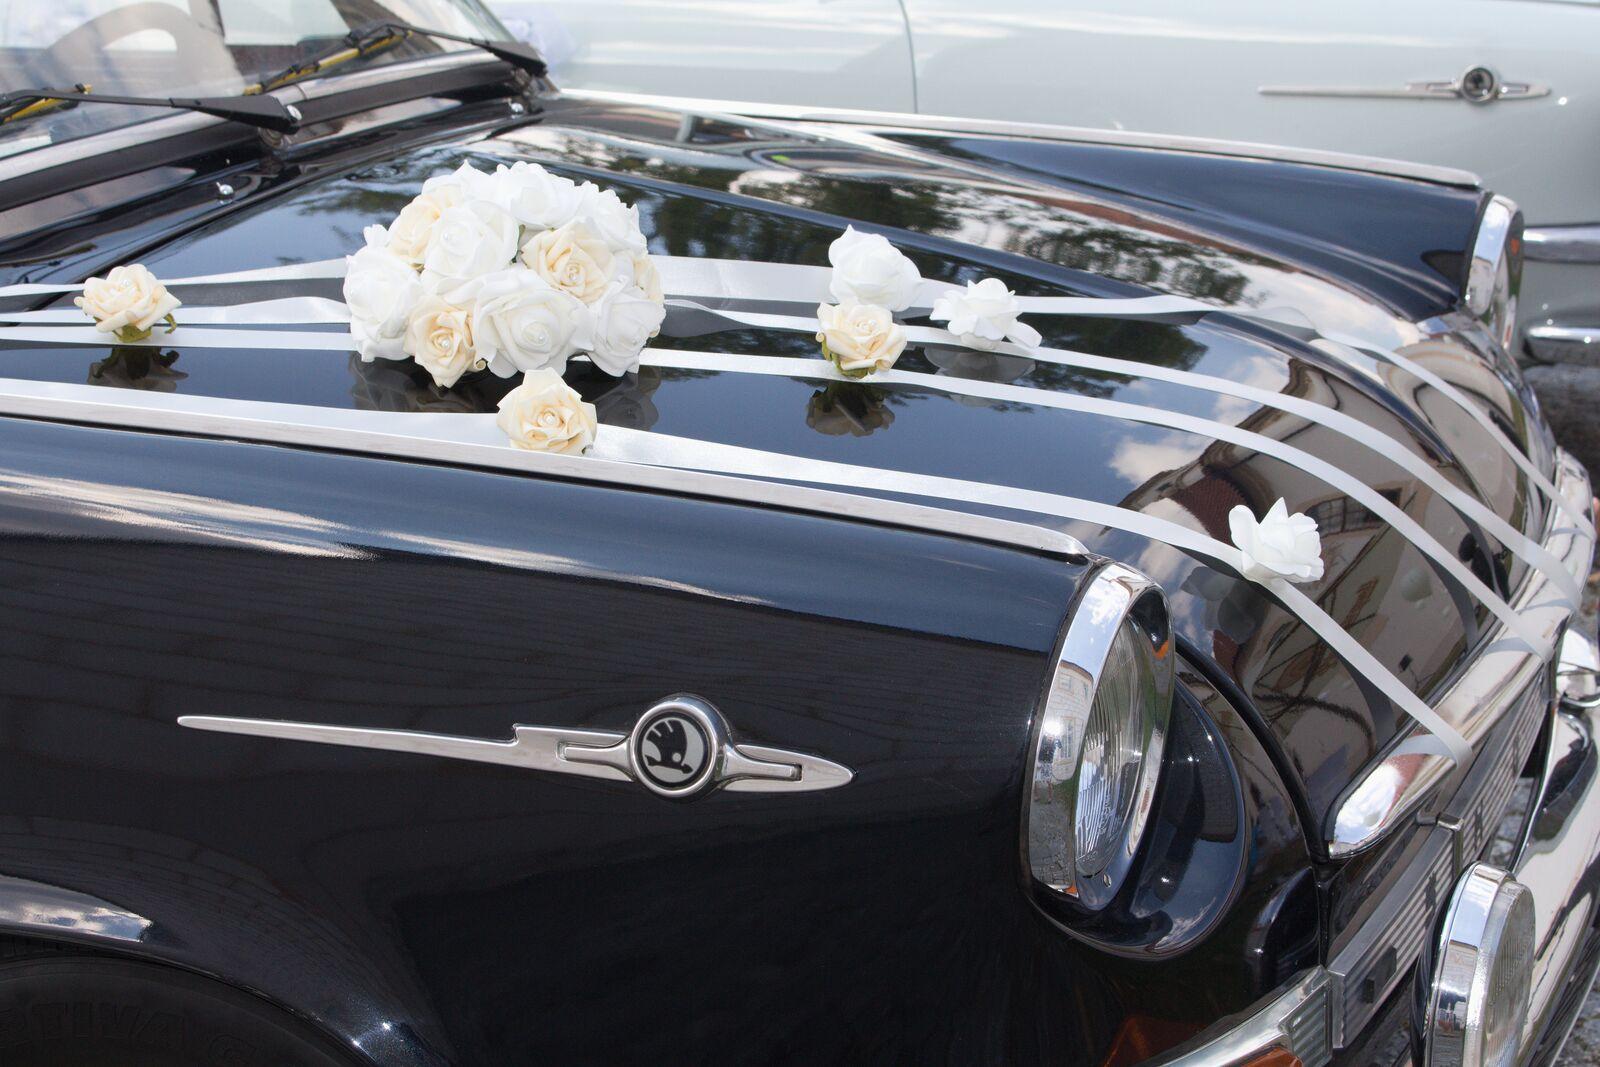 Svatební dekorace na auta - Obrázek č. 3